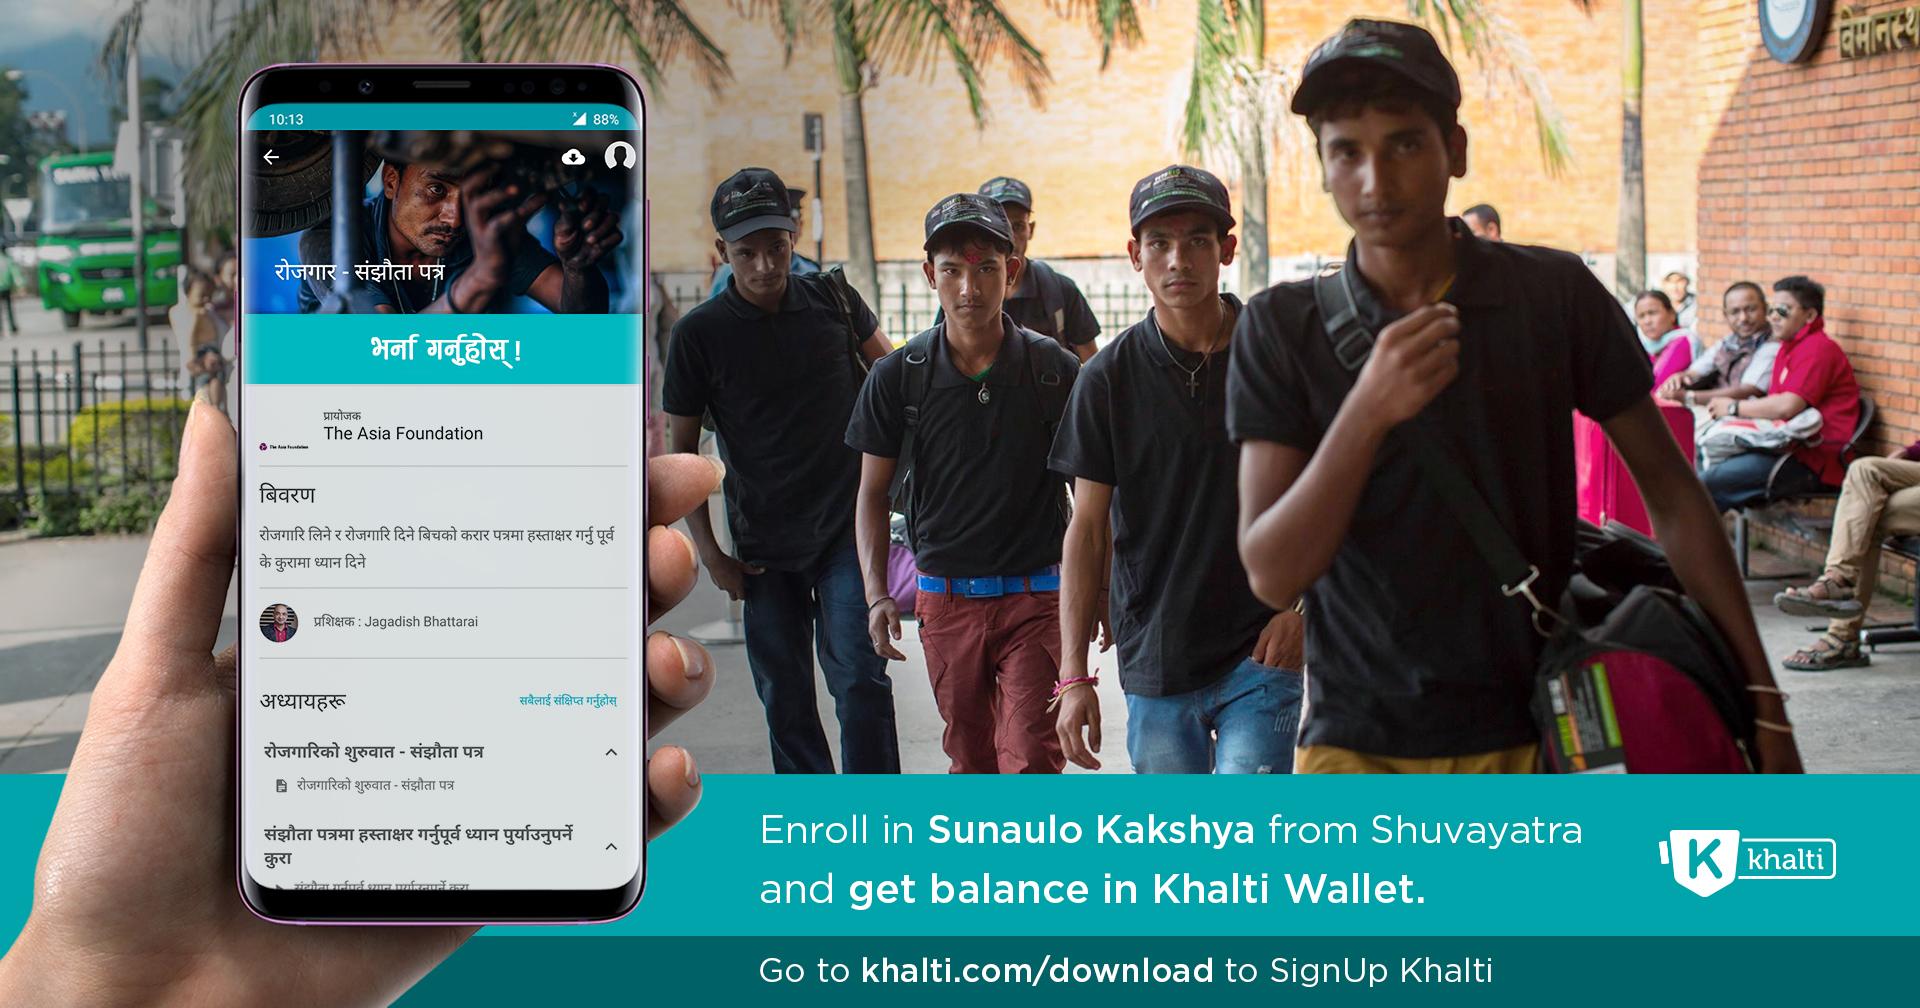 सुरक्षित वैदेशिक रोजगारीका लागि सूचनामूलक एप 'शुभयात्रा'को सुनौलो अन्लाइन कक्षा आरम्भ